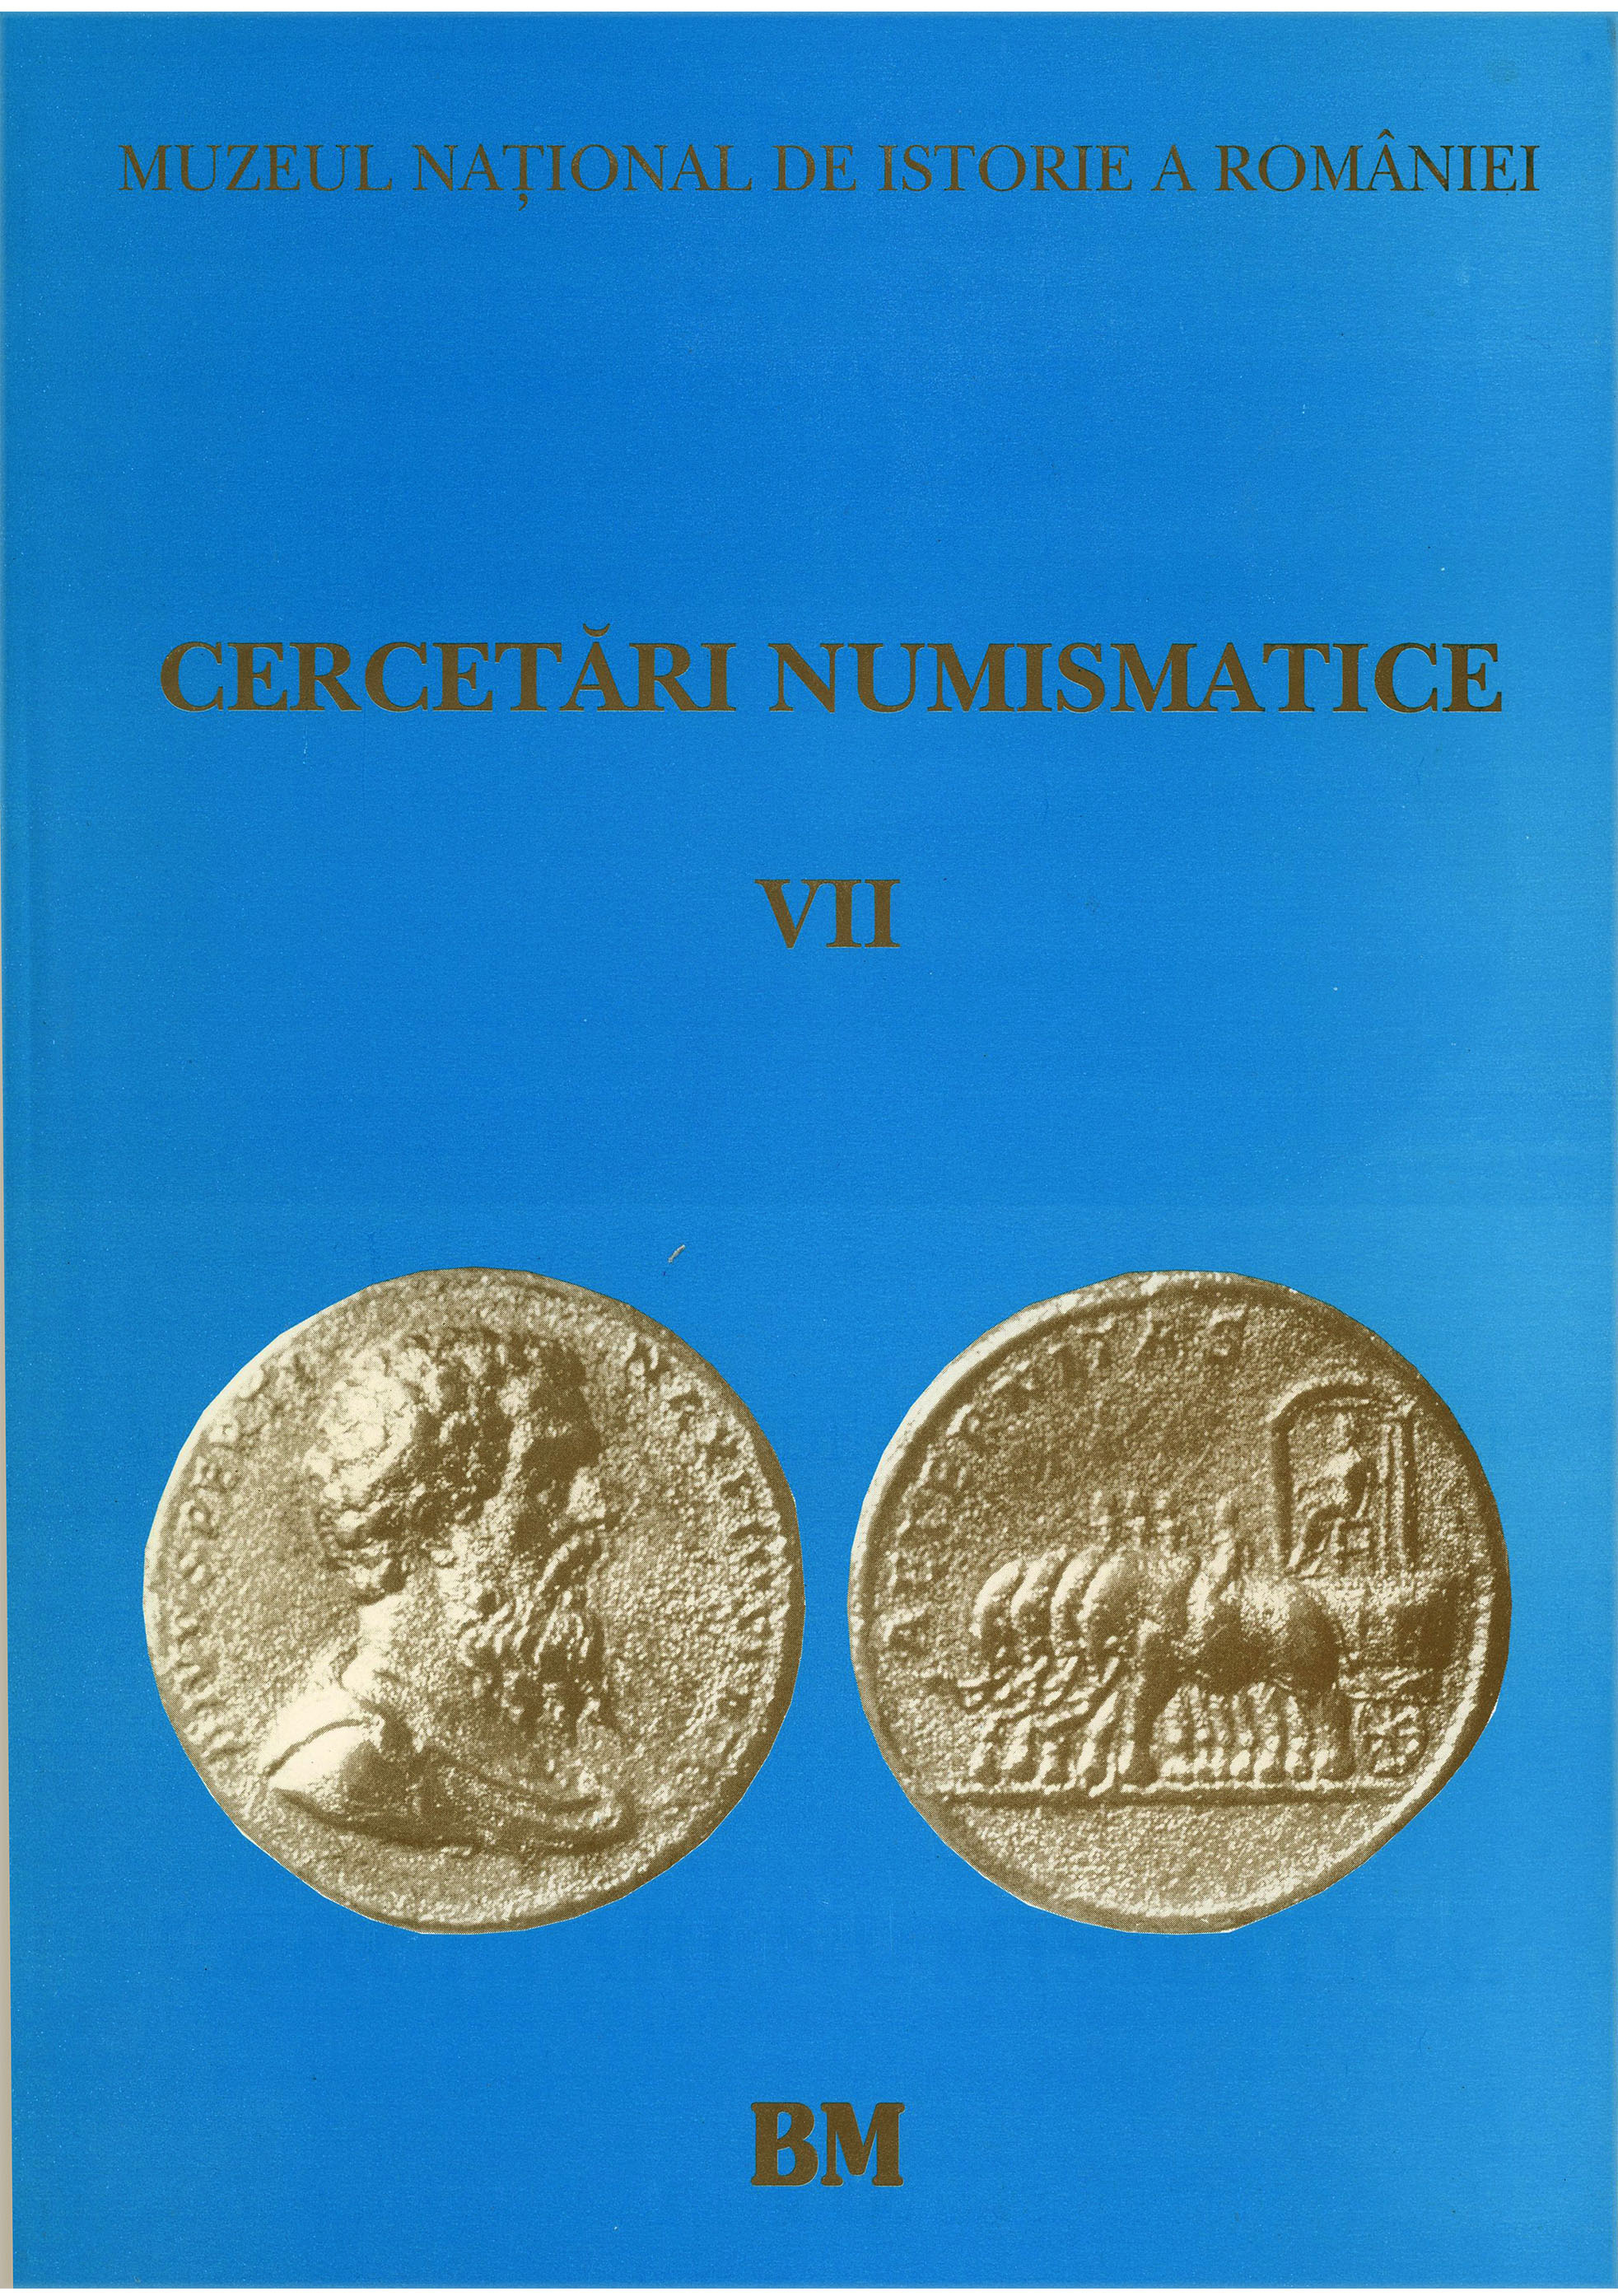 mnir_COP__0094_1996_Cercetari-numismatice-VII_296pag